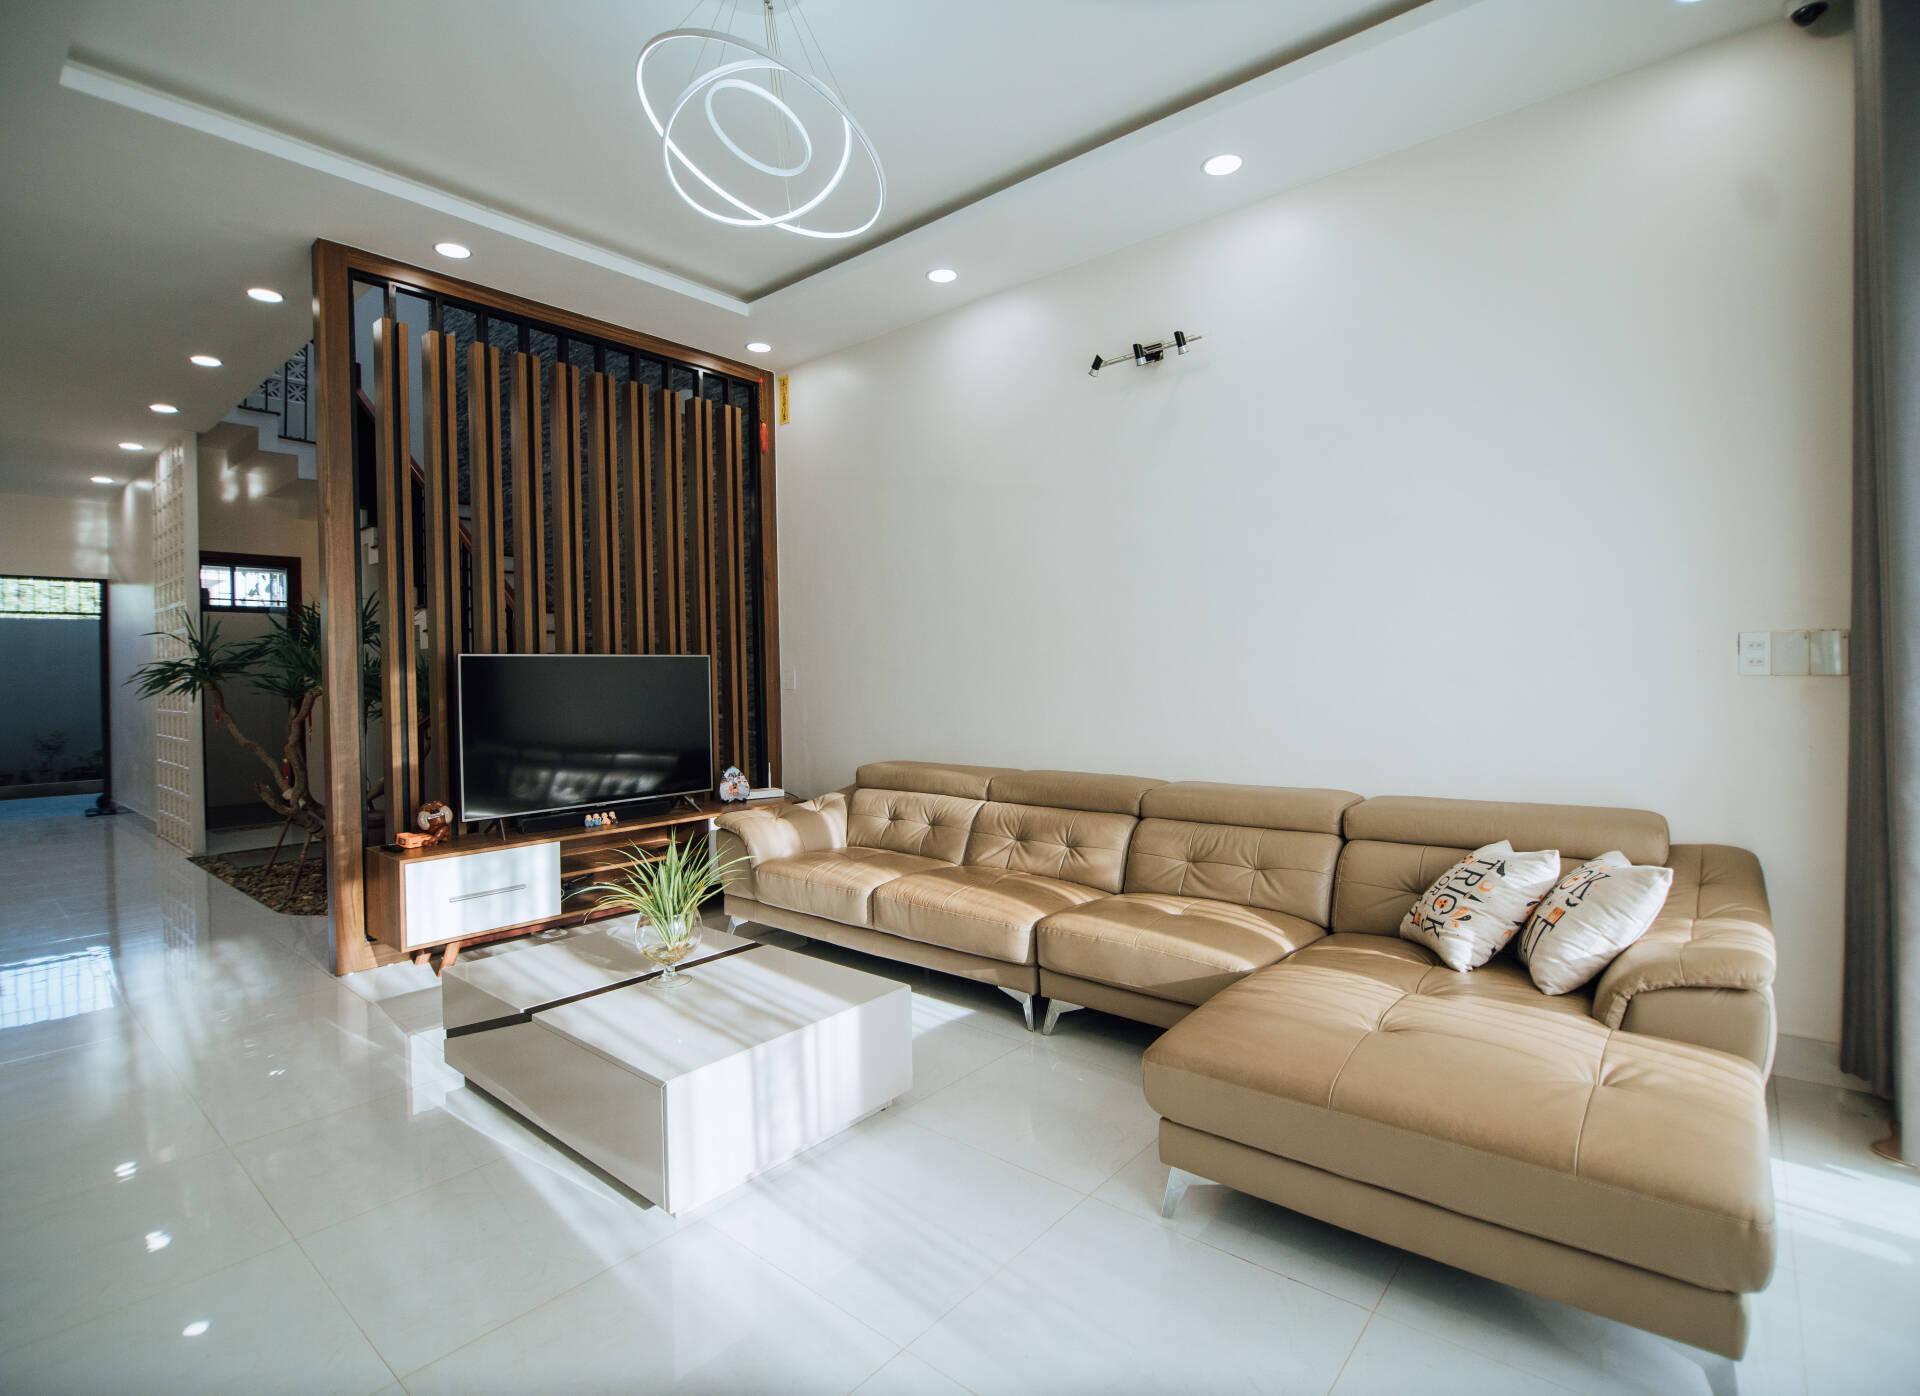 Nội thất phòng khách đơn giản với tông màu sáng, nhẹ nhàng